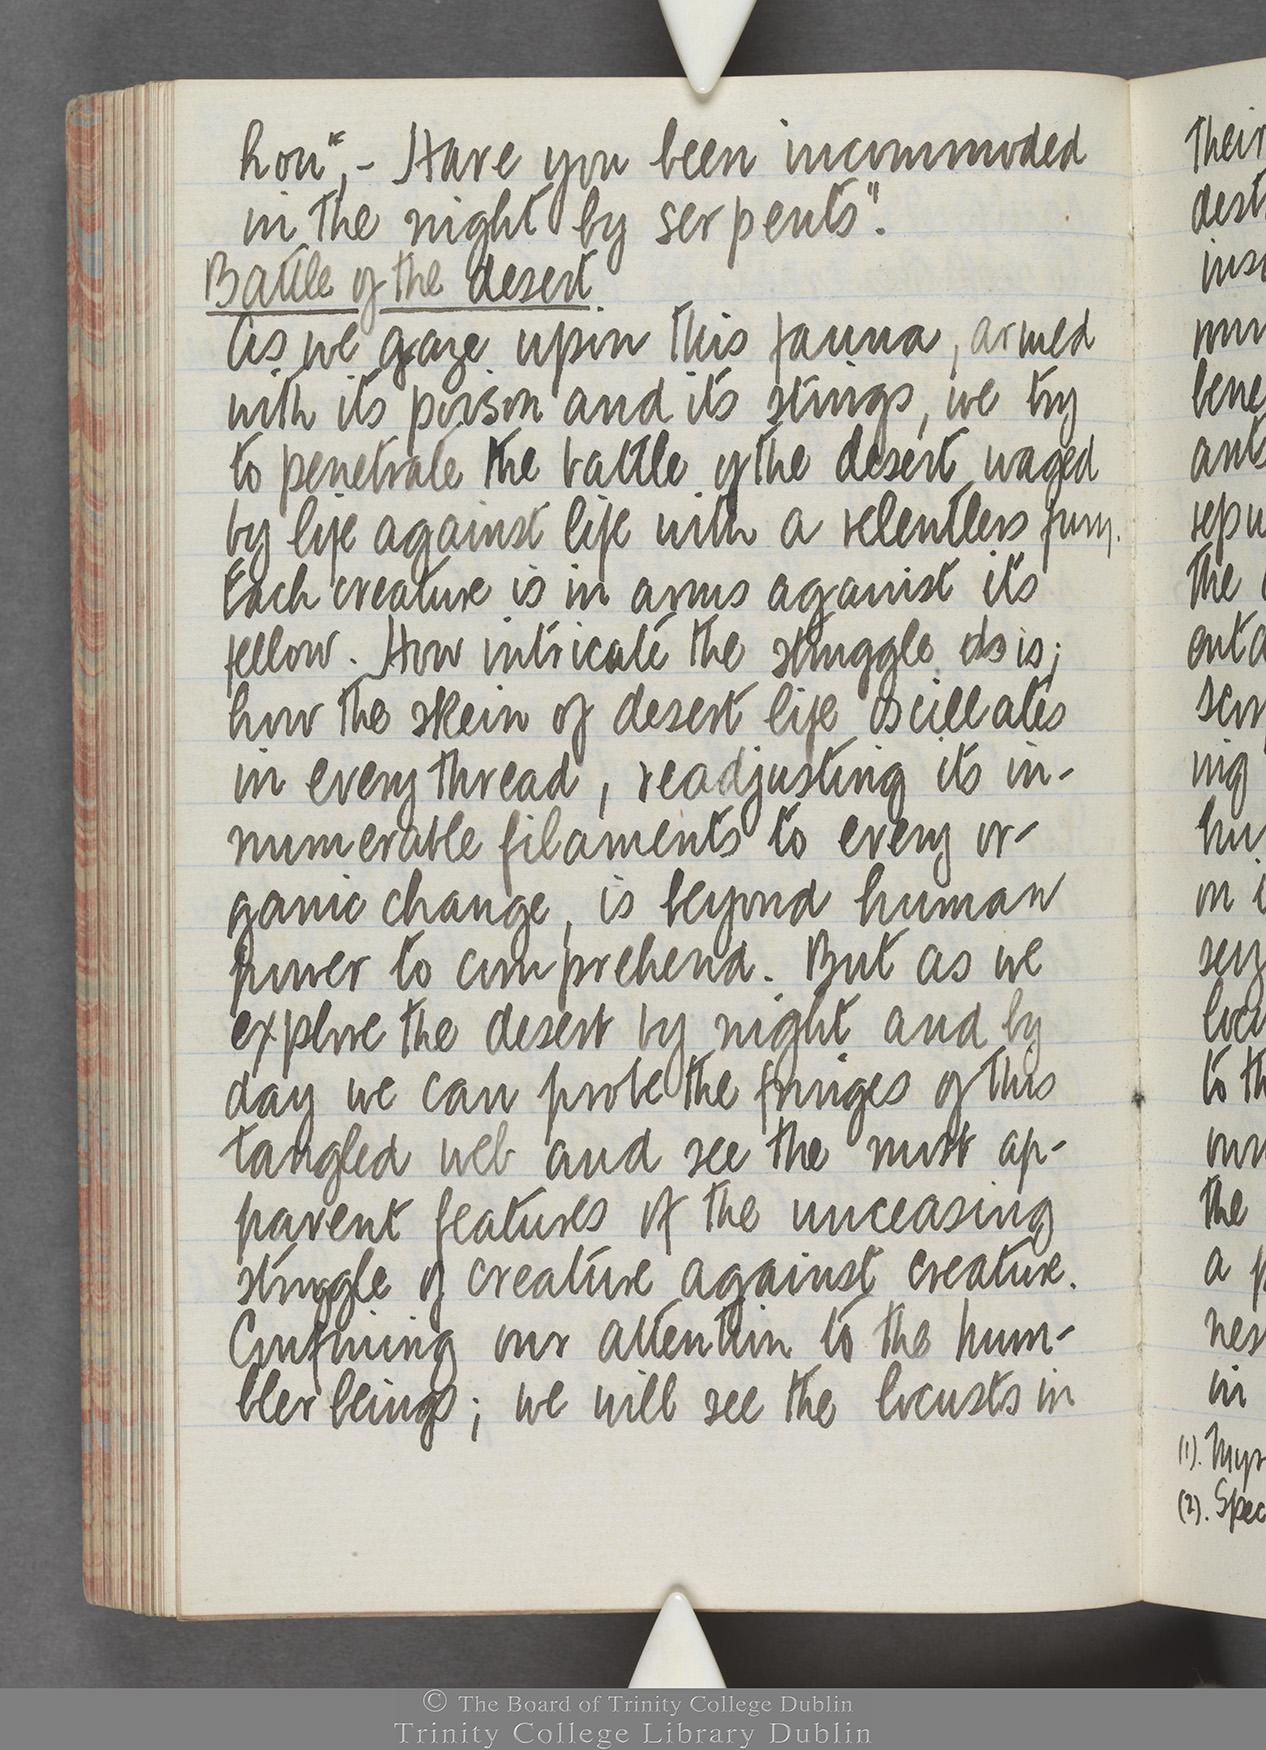 TCD MS 10515 folio 98 verso